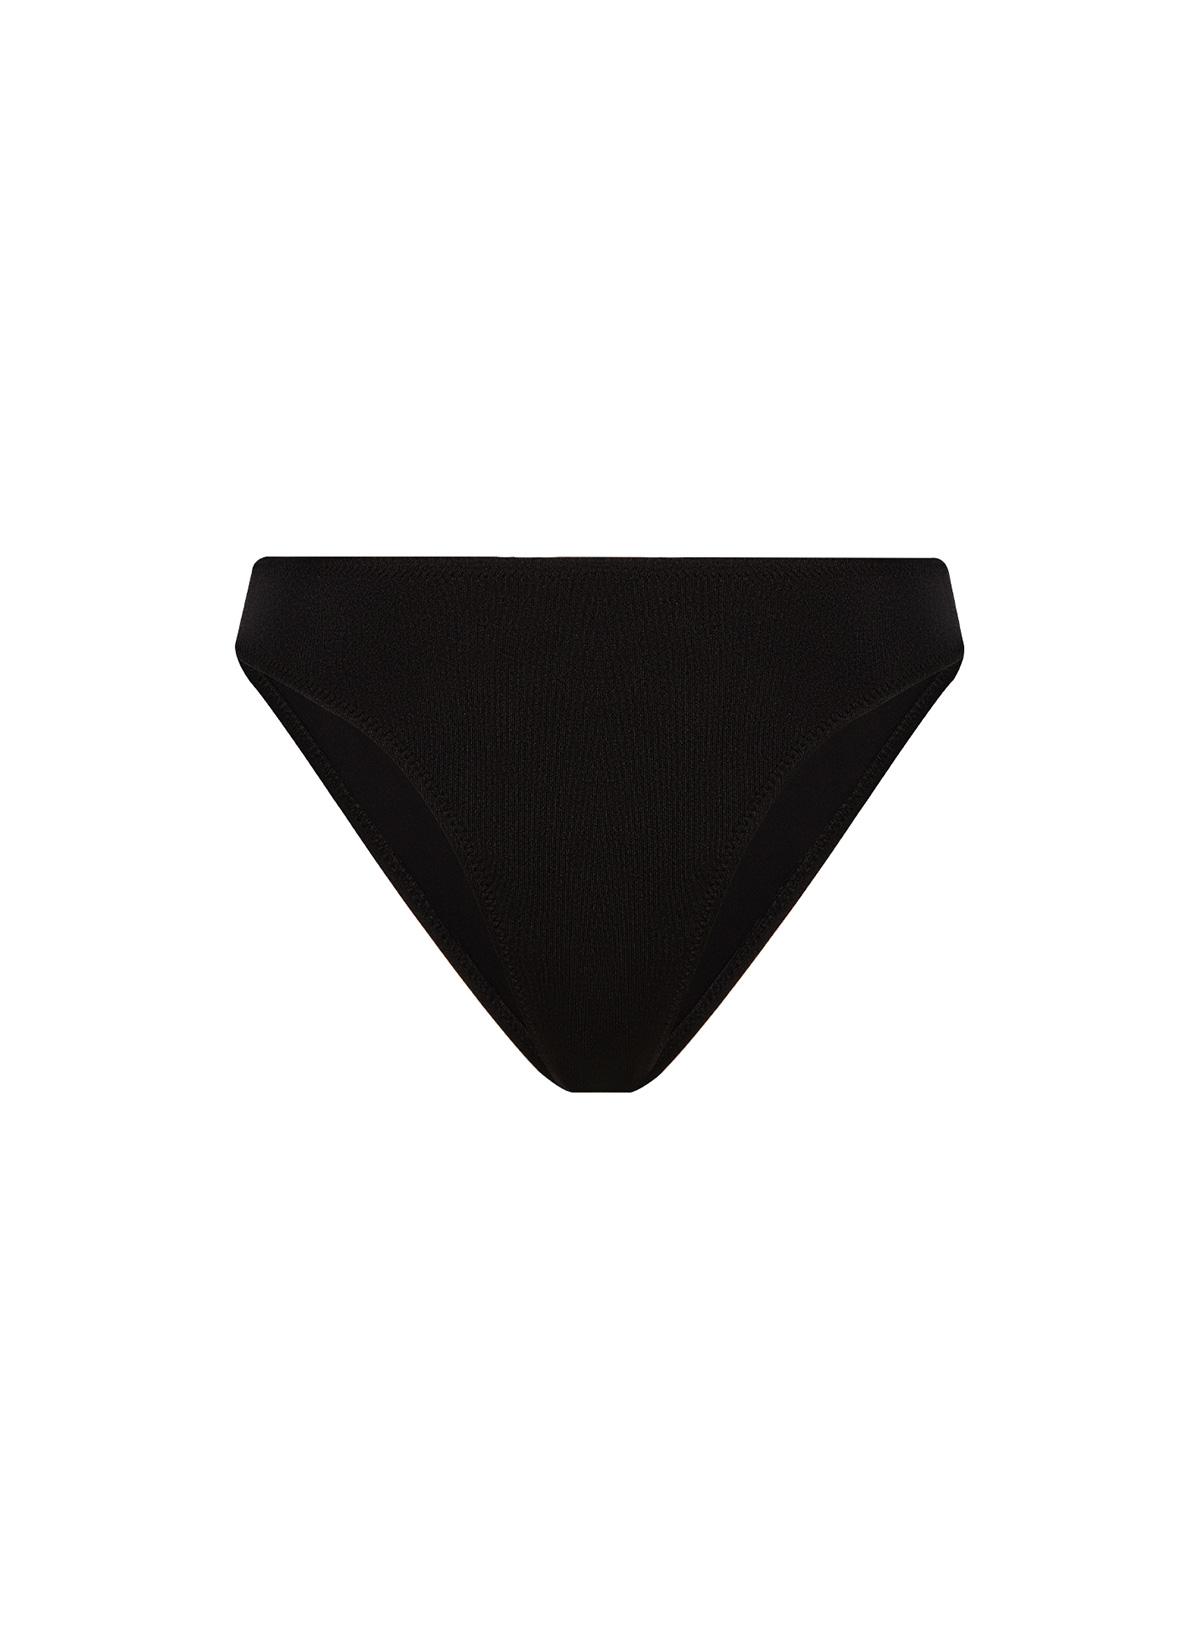 Rana Siyah Bikini Altı